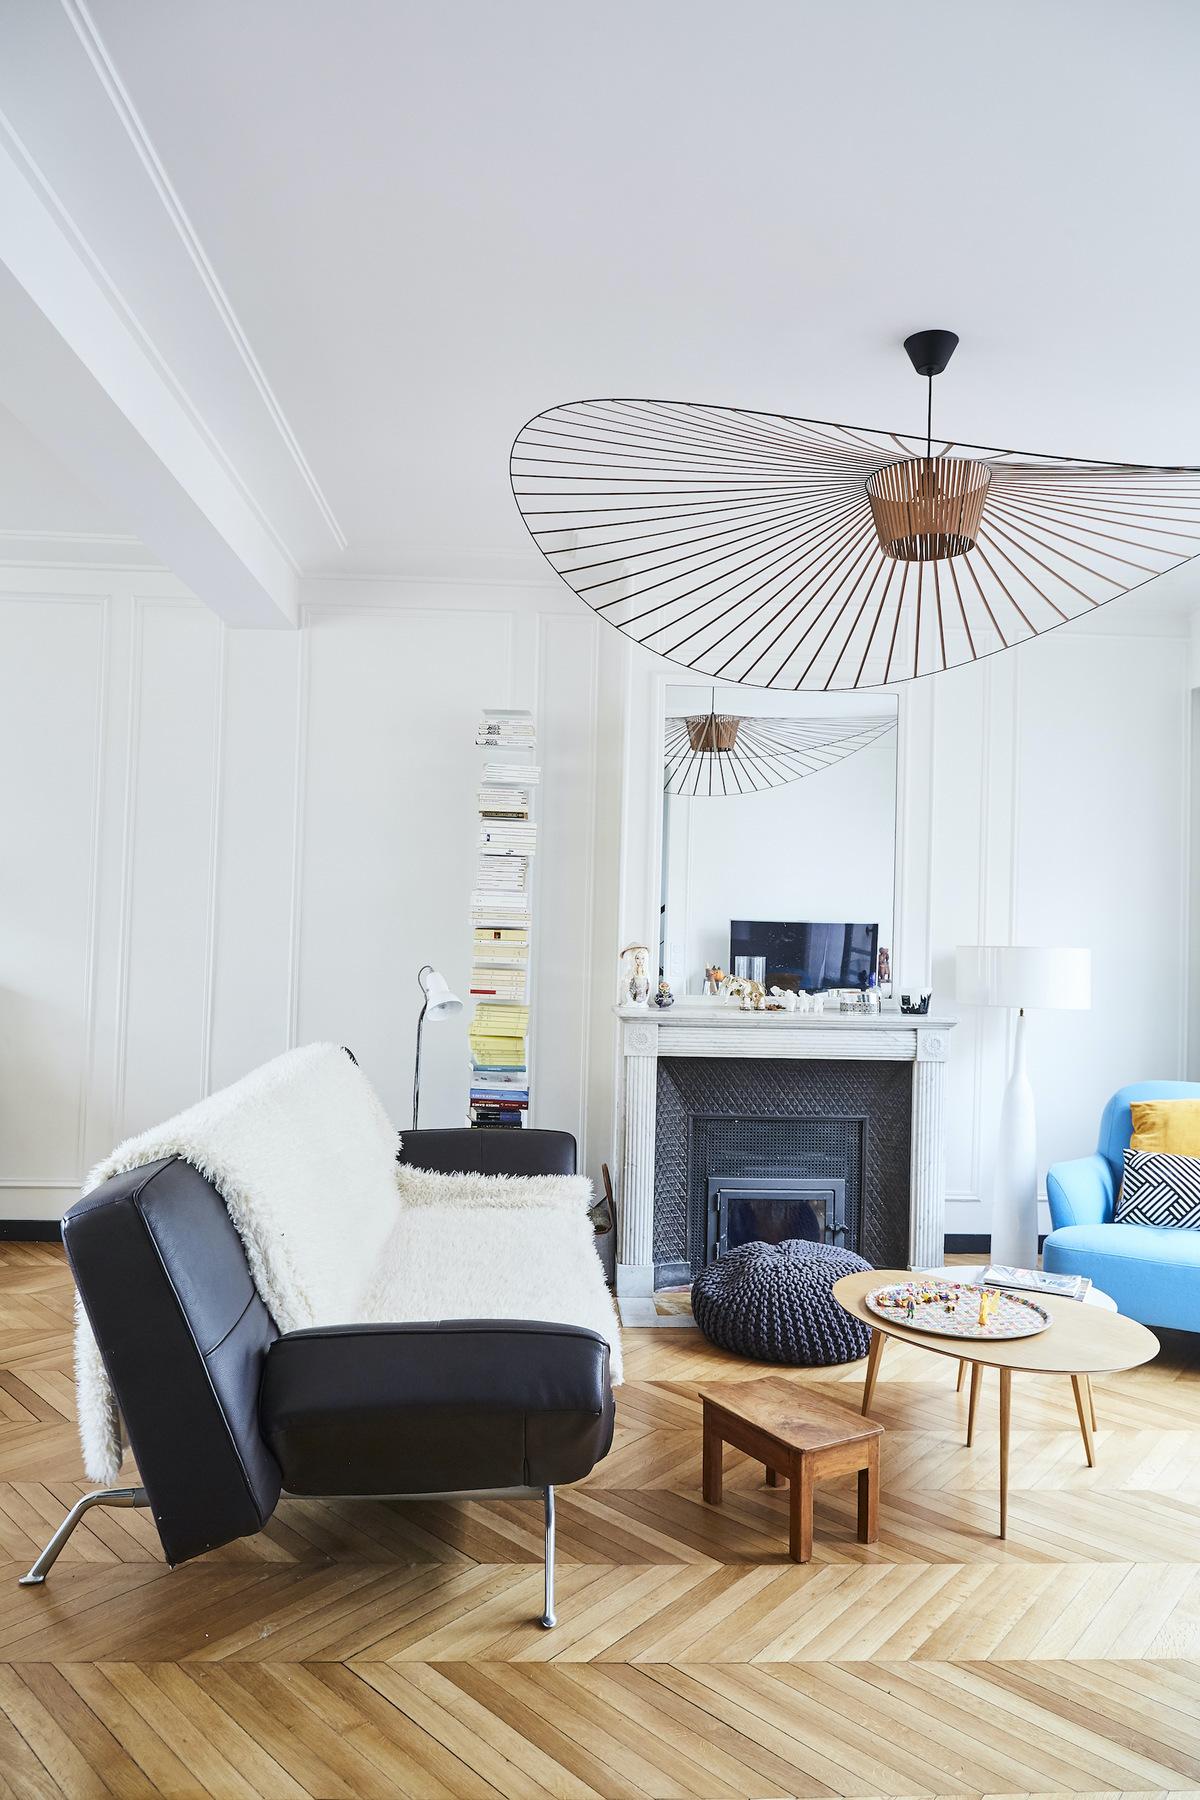 salon style déco années 30 canapé cuir noir pied métal suspension vertigo cuivre